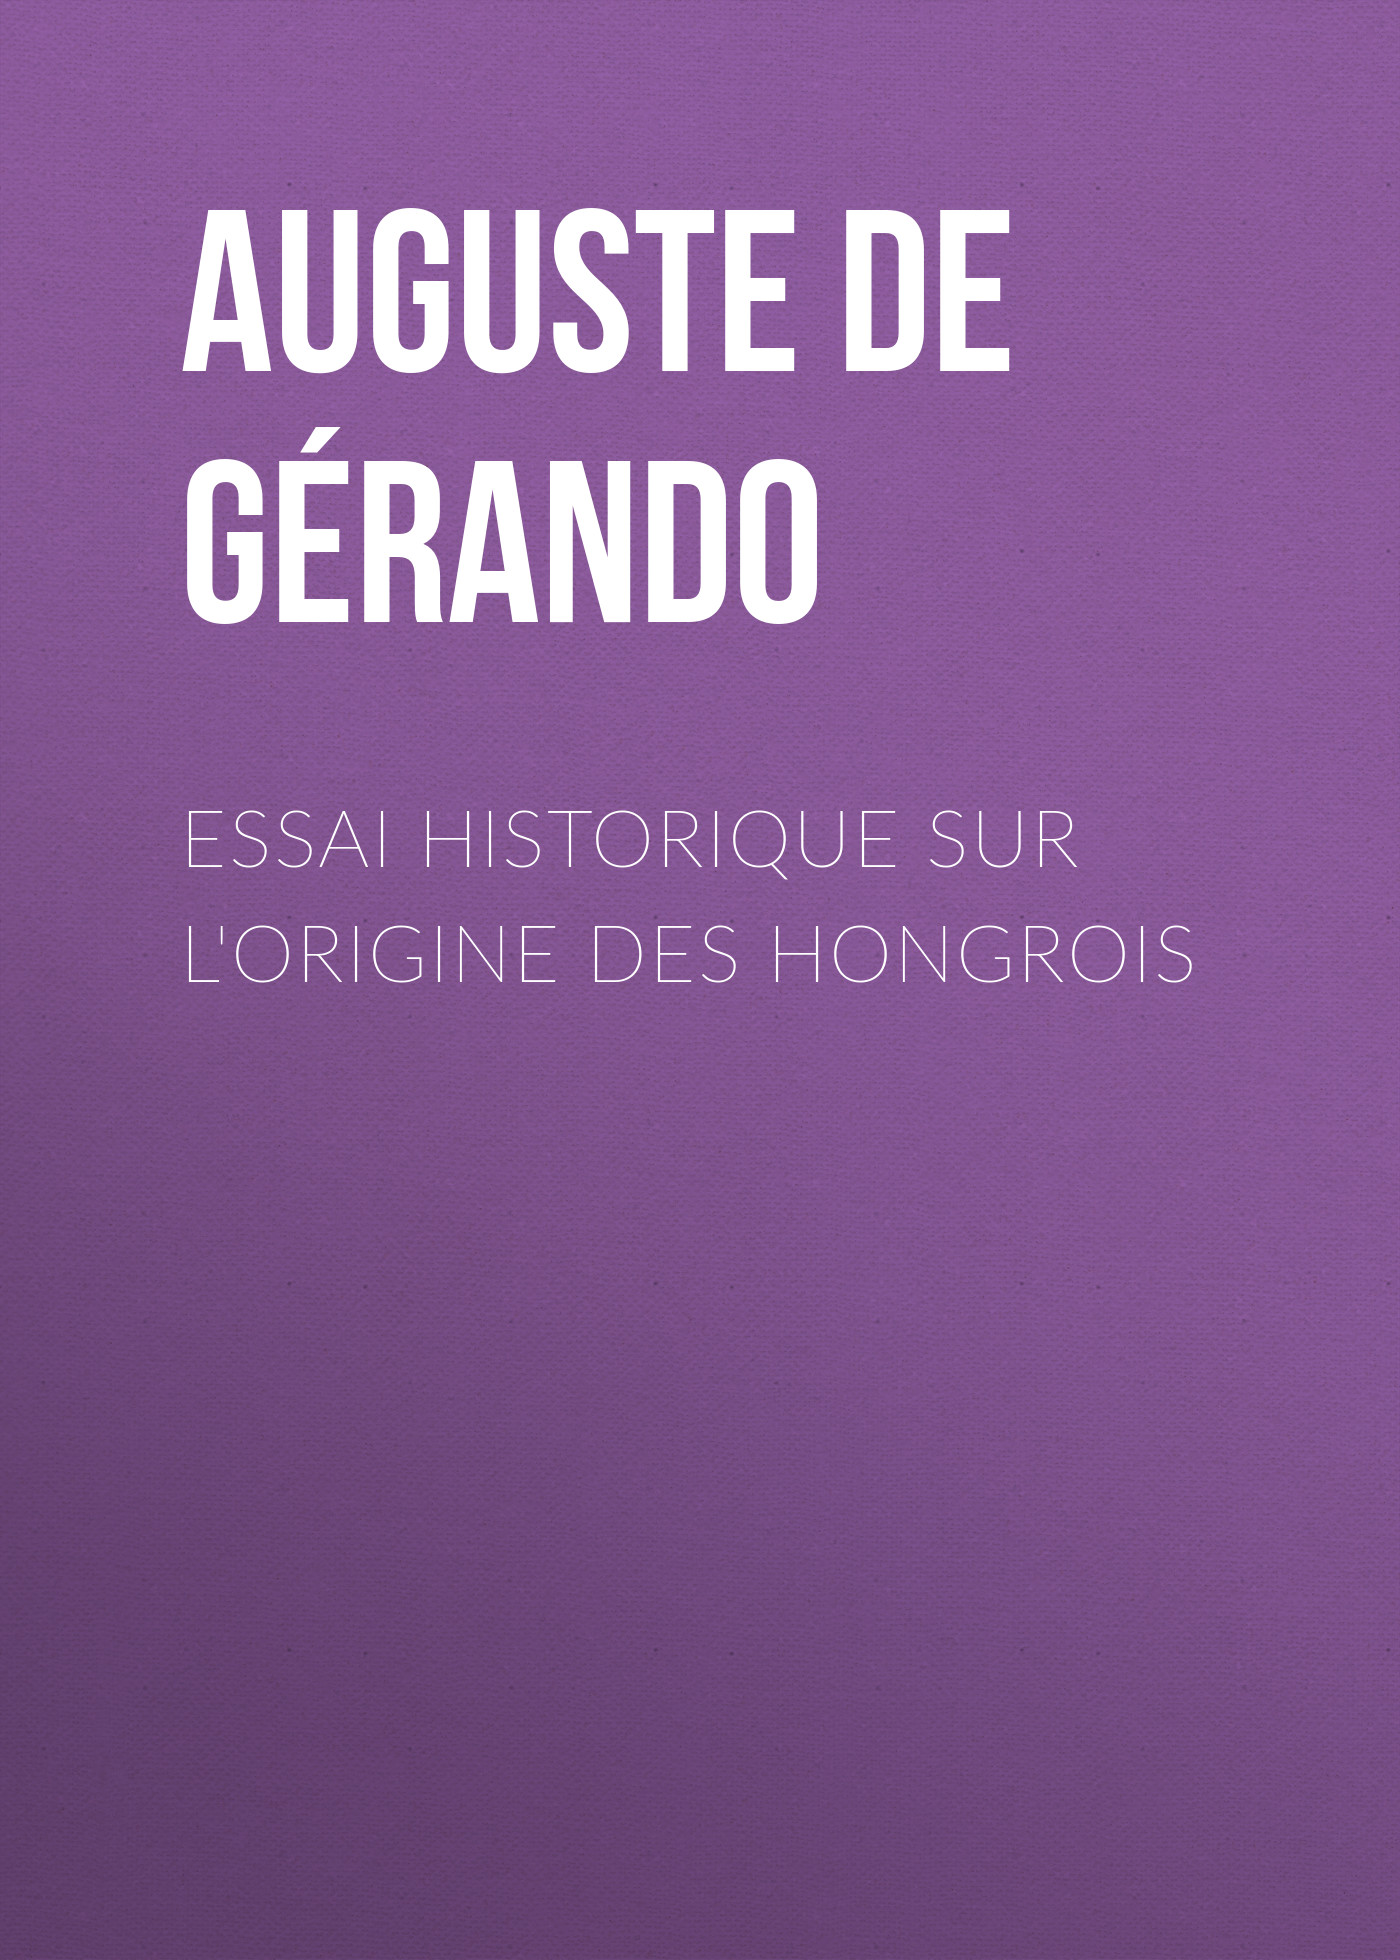 Auguste de Gérando Essai historique sur l'origine des Hongrois auguste berard essai bibliographique sur les editions des elzevirs